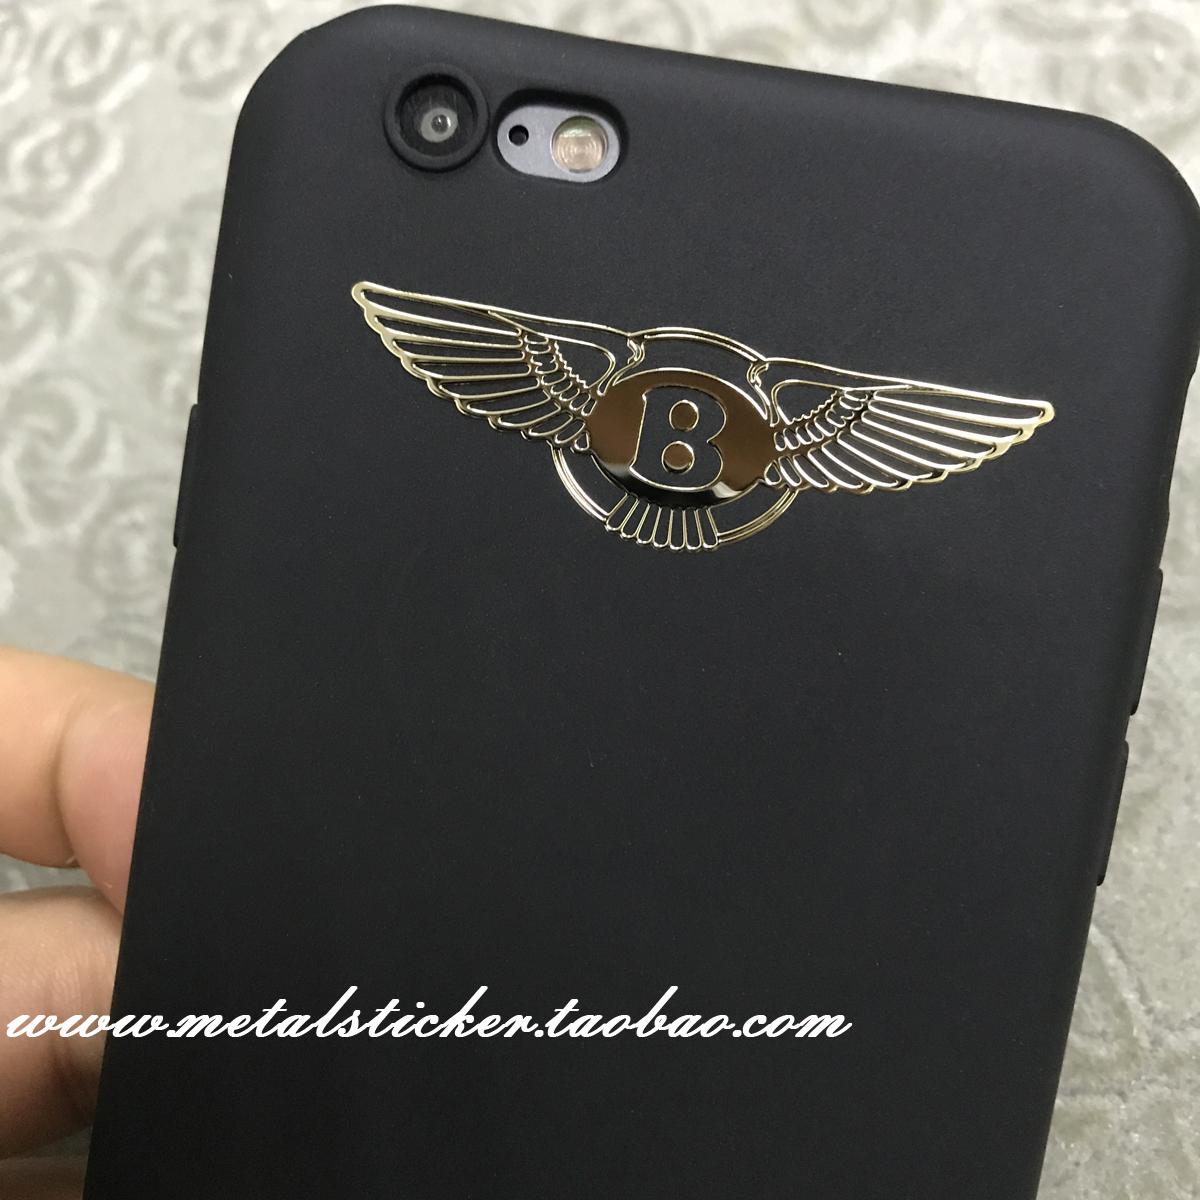 ベントレーlogoめっき金属は、個性的なDIYのモデル金属には、携帯電話機ケースシールを貼って